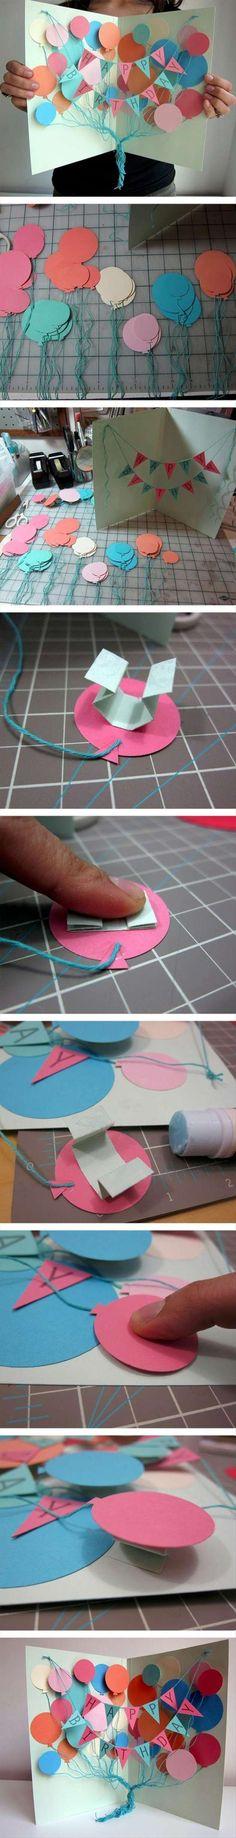 Simple but Genius Crafty Ideas (18 Pics)